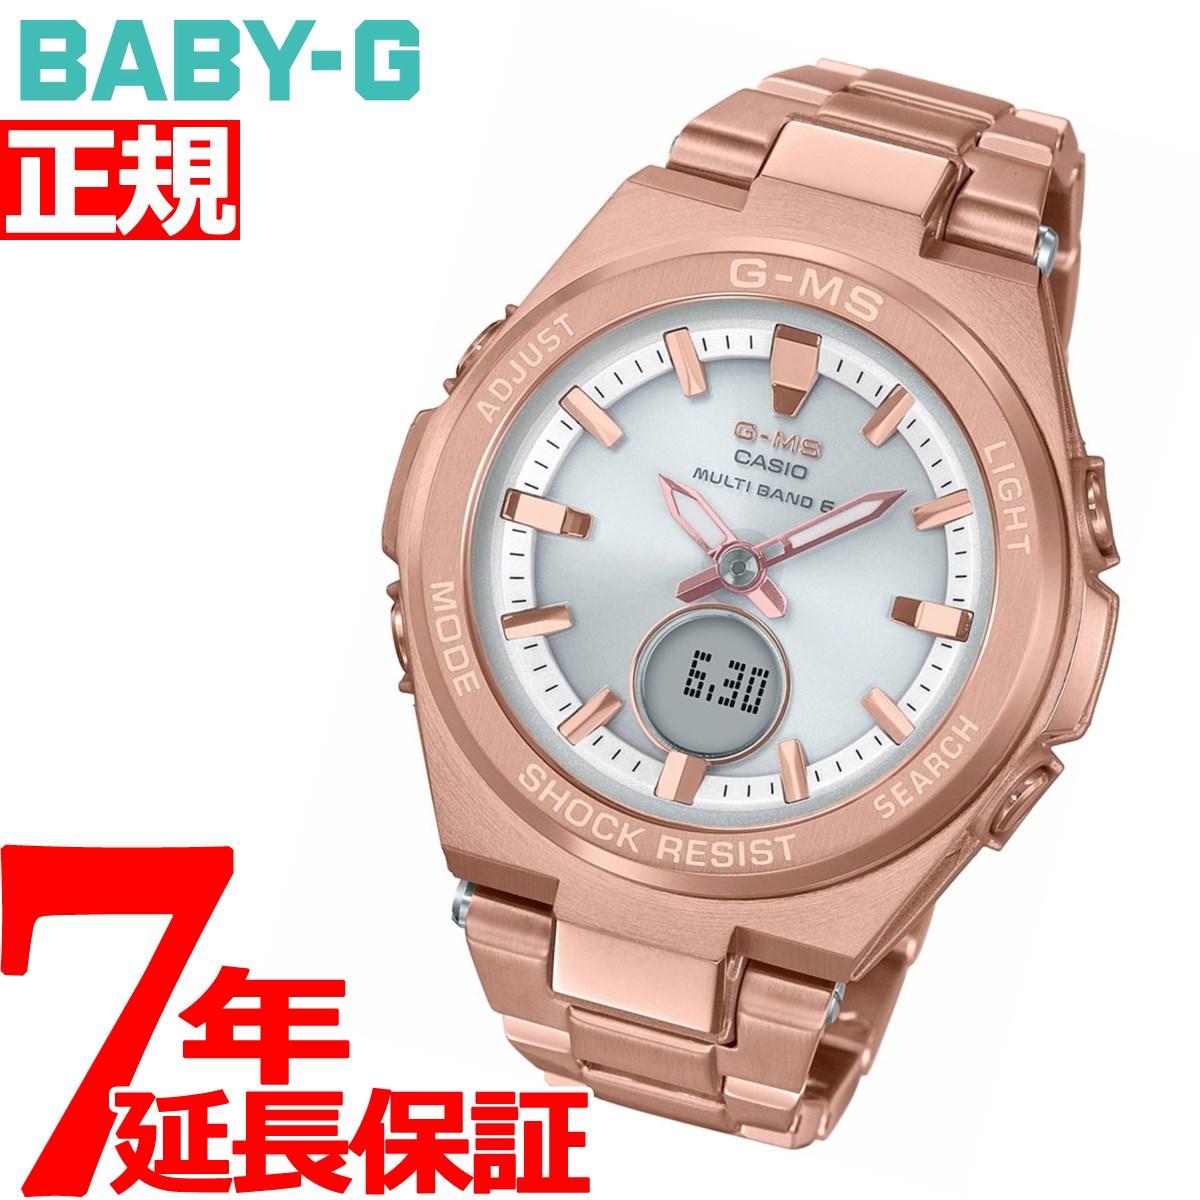 BABY-G カシオ ベビーG レディース G-MS 電波 ソーラー 腕時計 タフソーラー MSG-W200DG-4AJF【2018 新作】